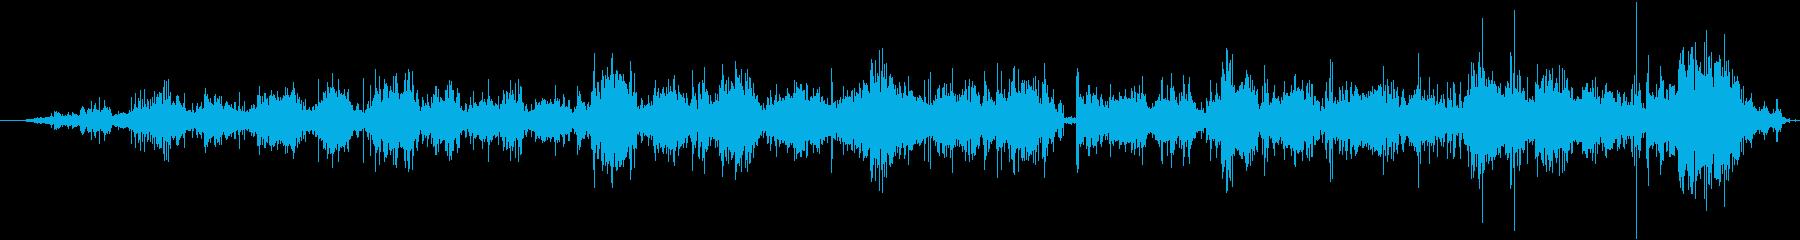 スノーボード:オンボード:ライドダ...の再生済みの波形